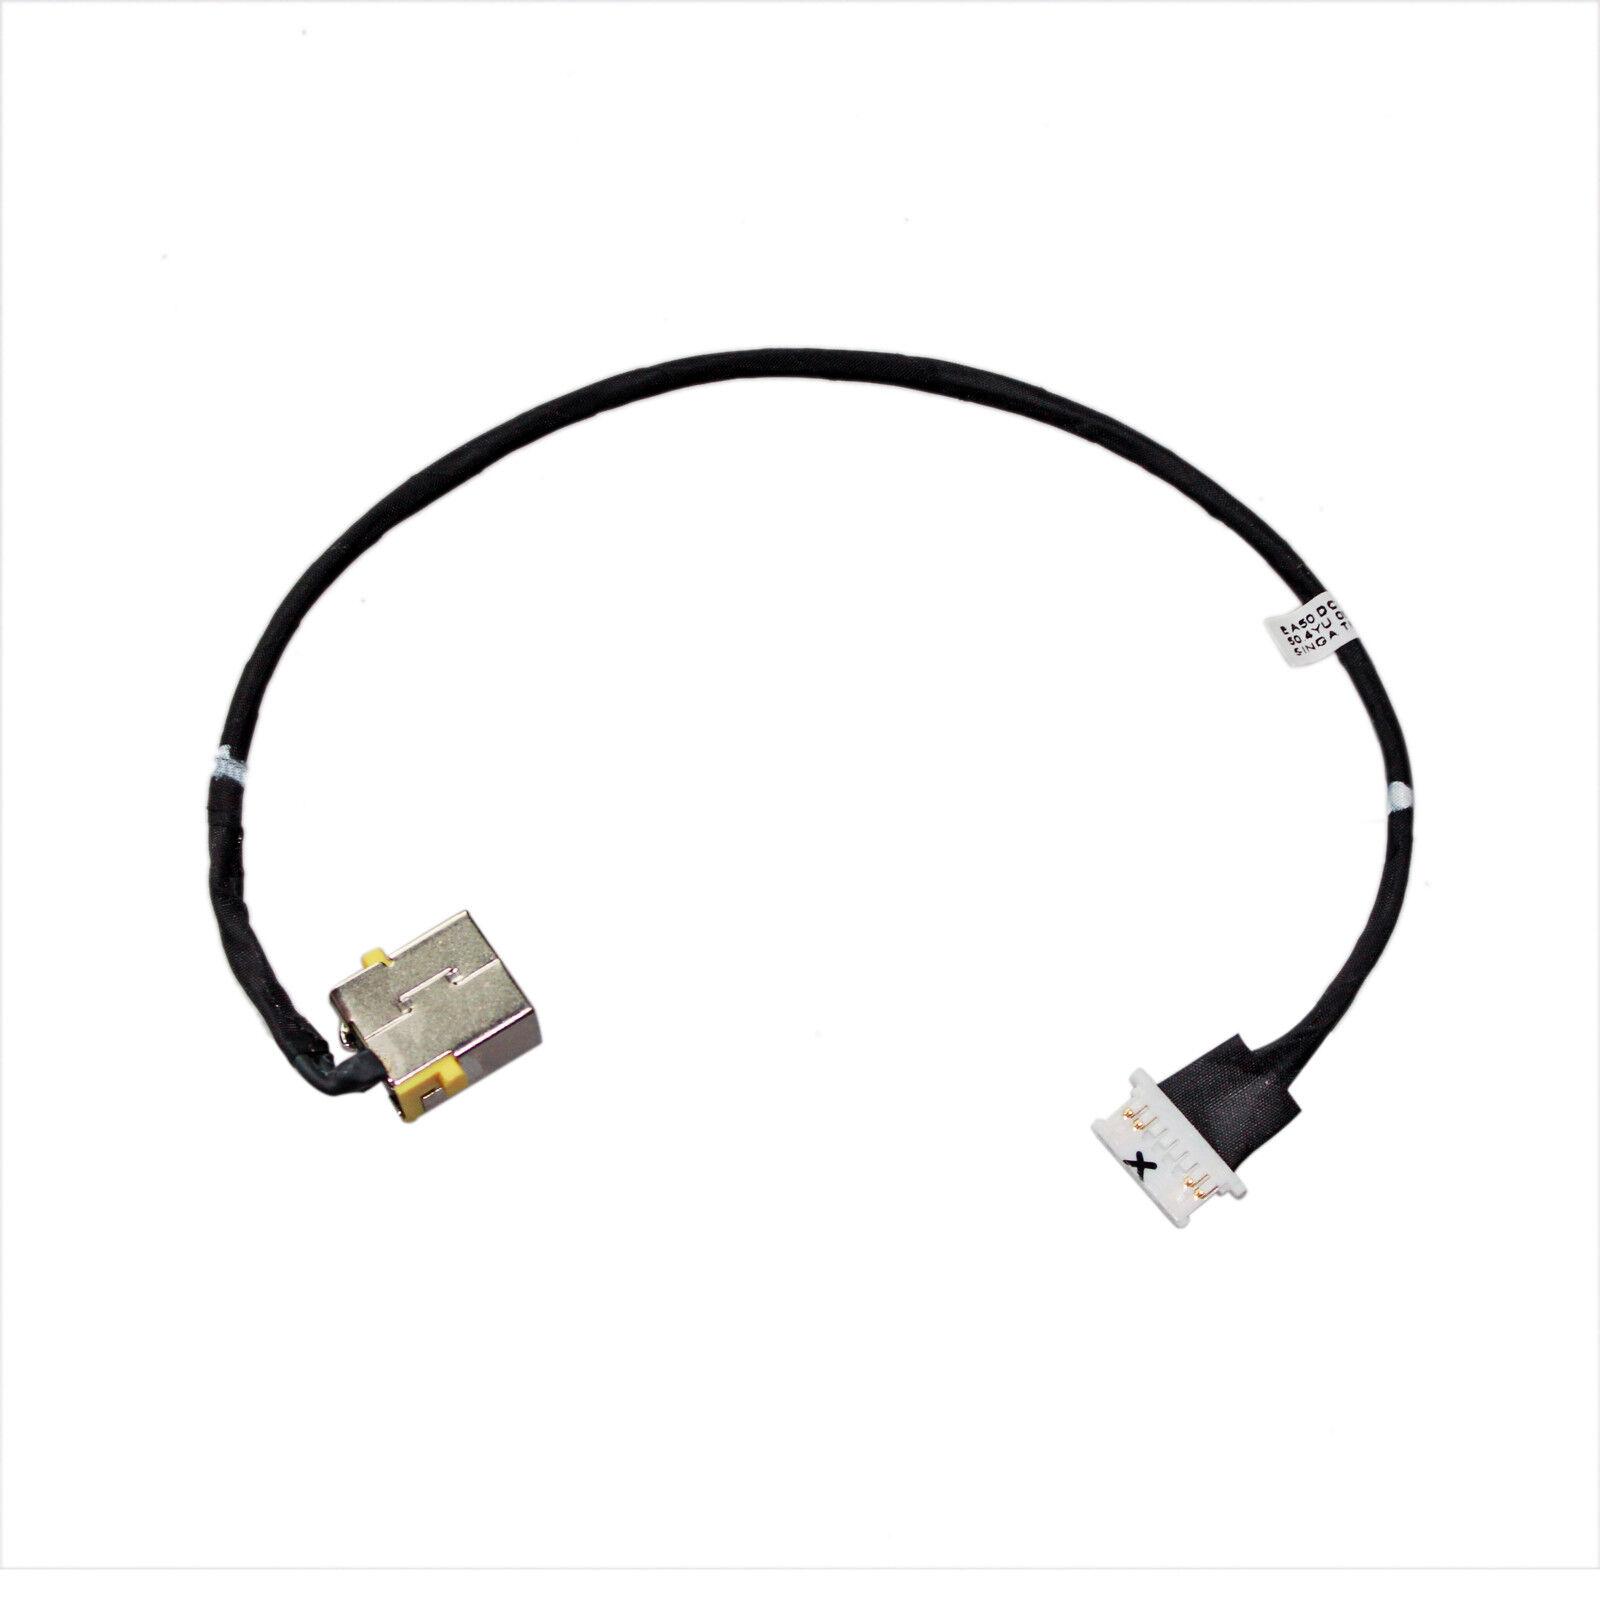 DC Power Jack Charging Cable For Acer Aspire E1-522 E1-522-3407 E1-522-3442 SK01